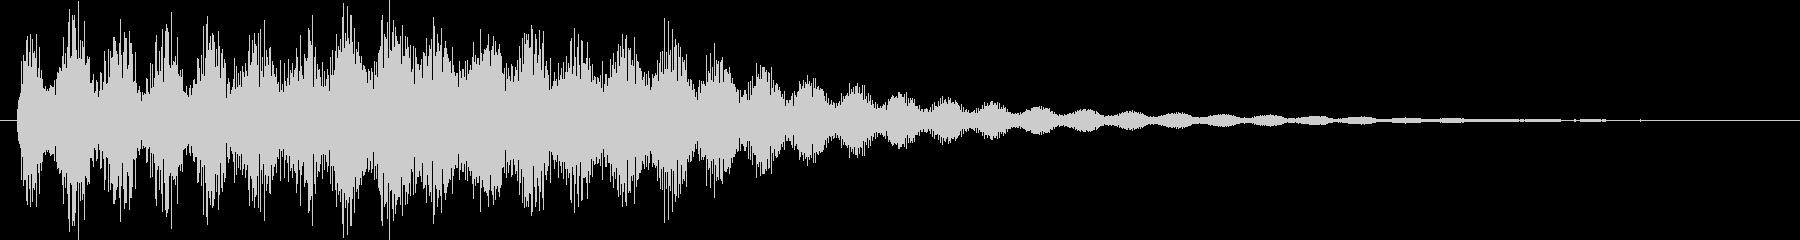 Vibraphone:Underw...の未再生の波形